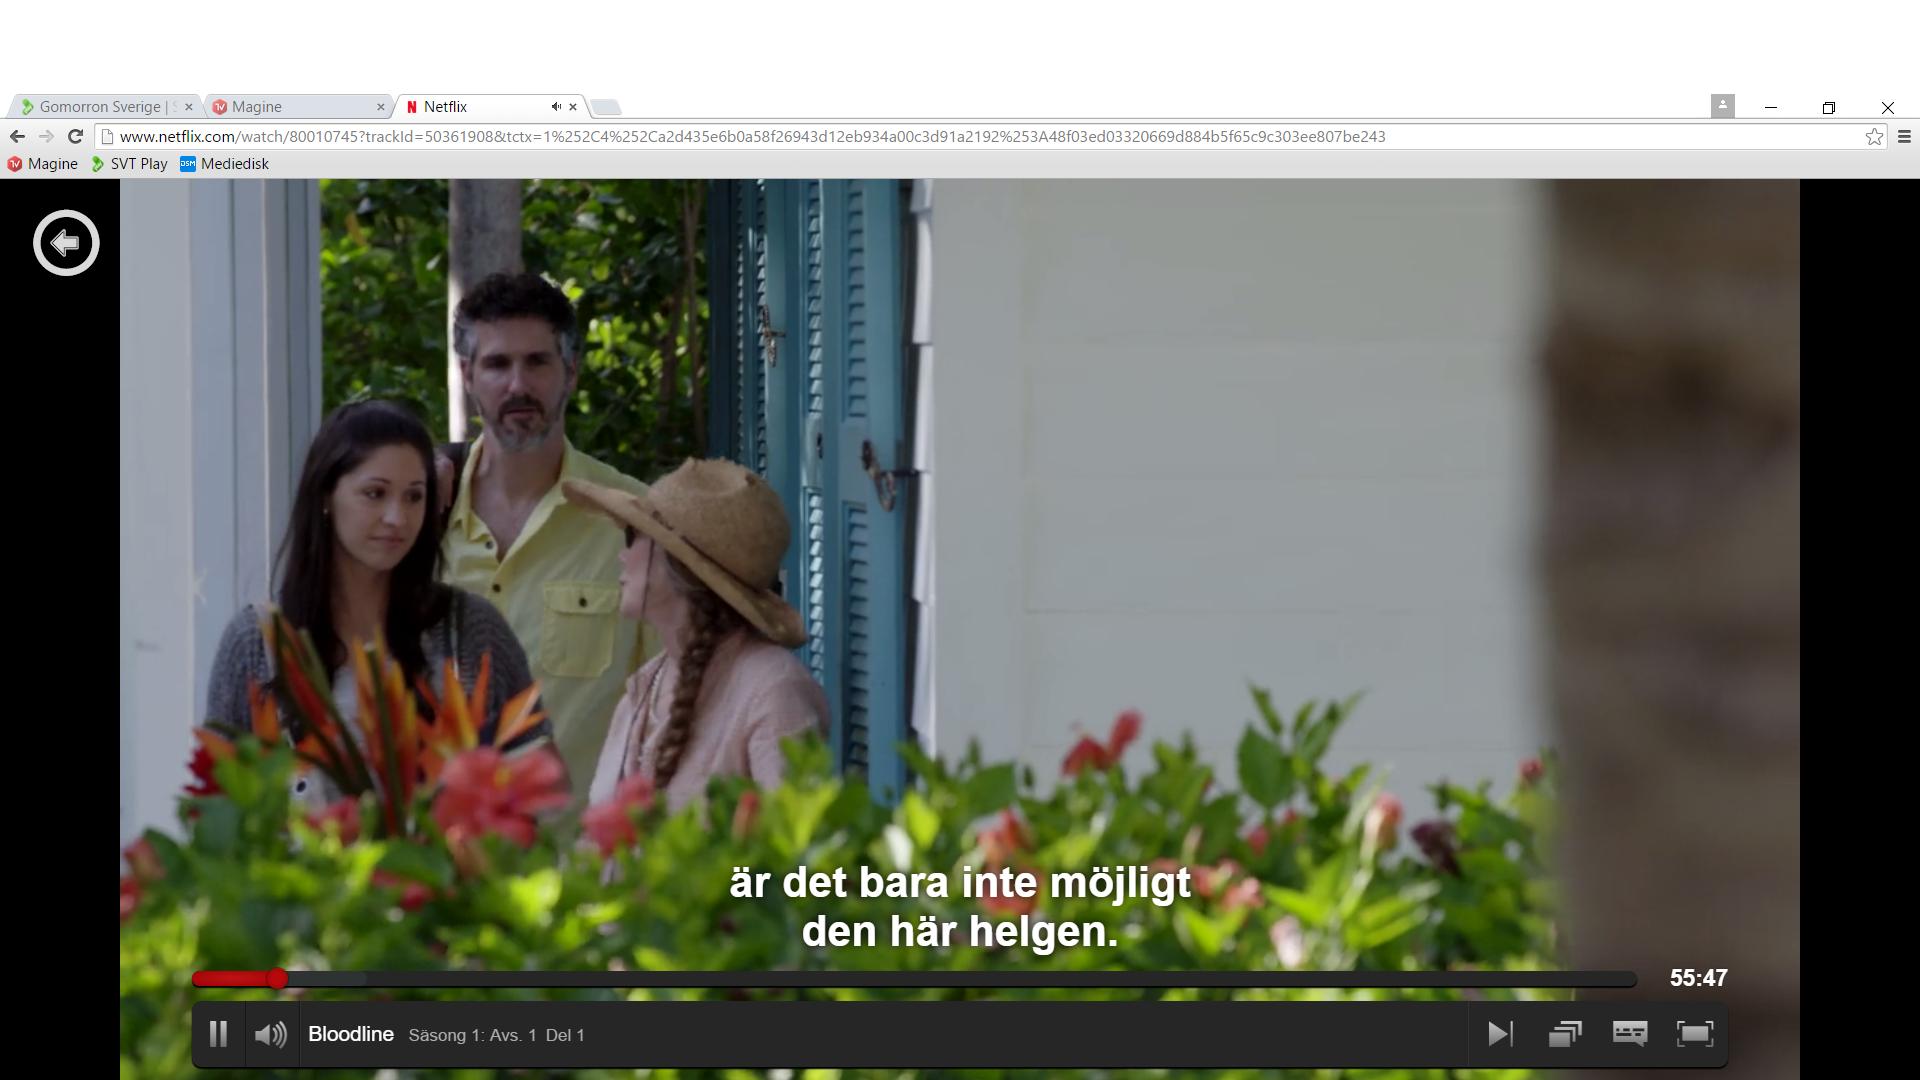 Med en komplett webbläsare för Windows finns det inga begränsningar för vad du kan titta på för strömmande innehåll. Netflix fungerar dessutom ypperligt.